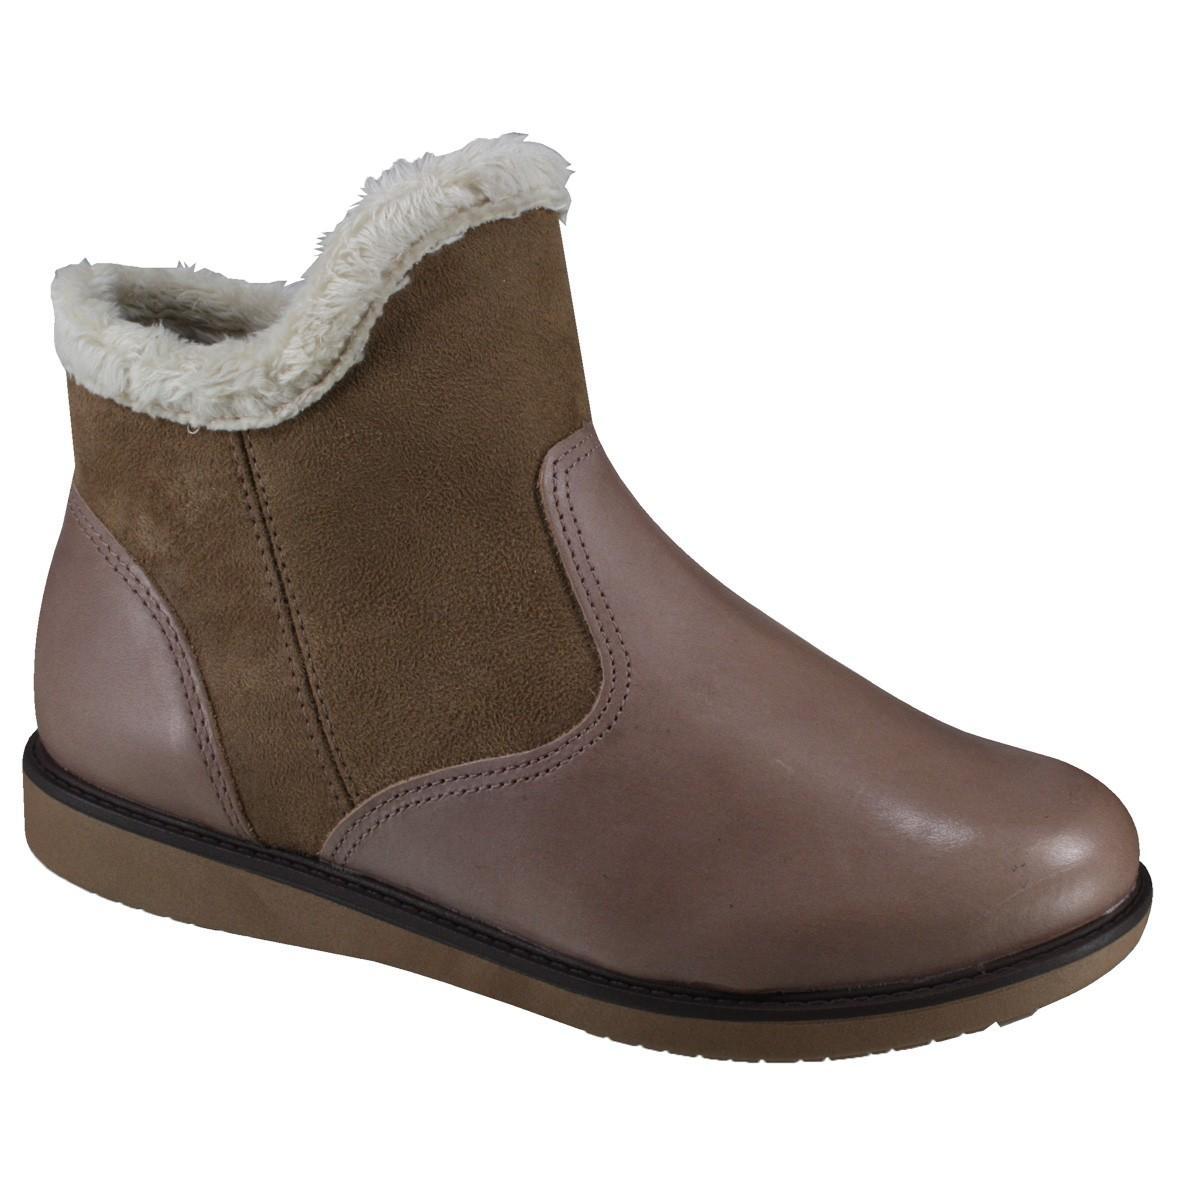 226ea5db6 Bota Feminina Comfortflex Ankle Boot 17-70301 000001 Taupe (Brush Suede  Plus)